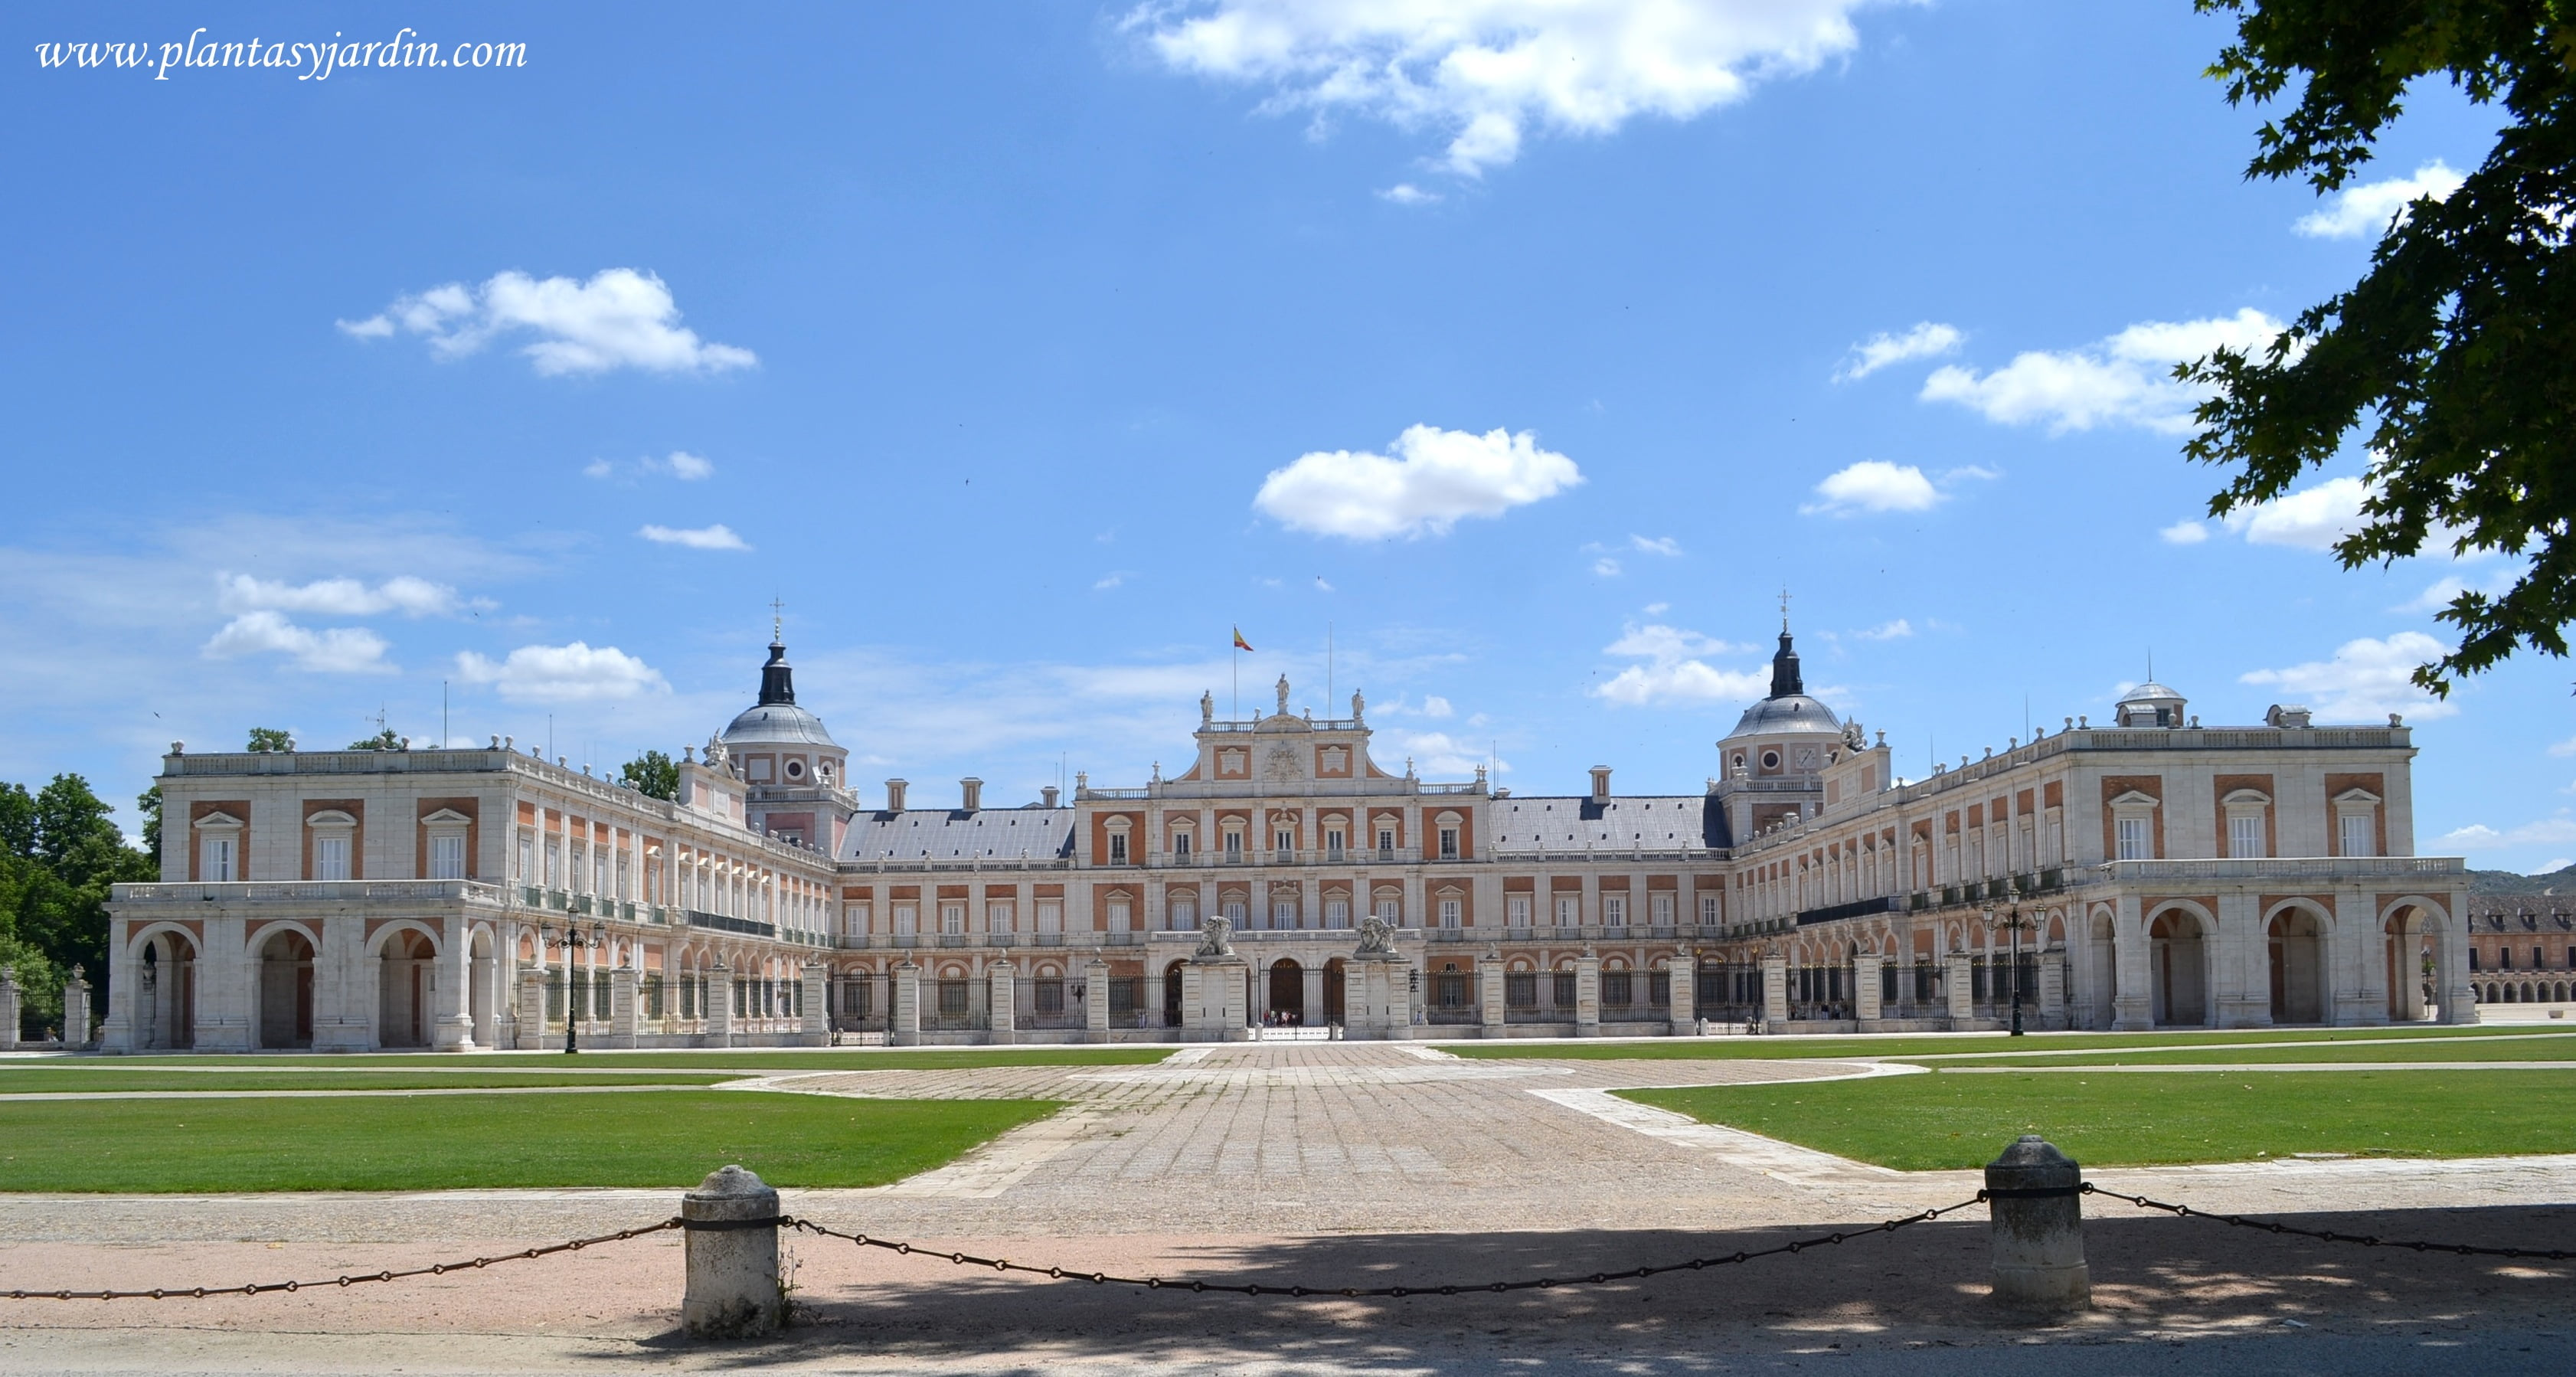 Palacio Real de Aranjuez, frente a la fachada se encuentra la Plaza elíptica, en forma de circo romano, posee 10 bancos de piedra, en este recinto se hacian conmemoraciones y juegos ecuestres, propios de la realeza absolutista.